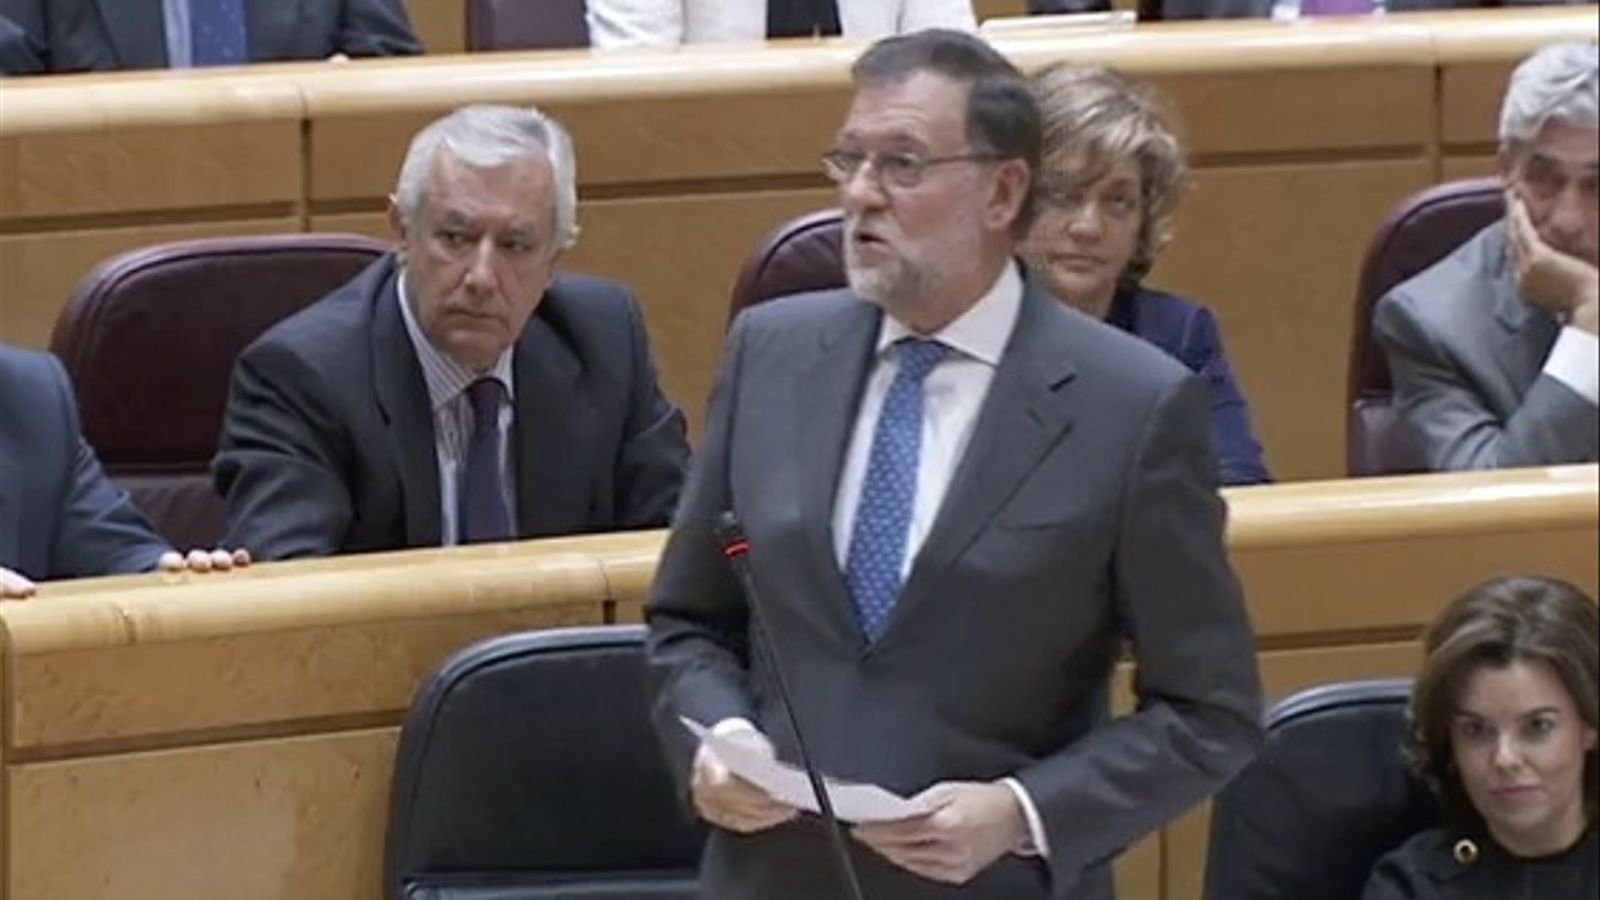 """Rajoy assegura que no es jutja """"ningú per les seves idees"""" i avisa que Catalunya no podrà """"saltar-se la llei a la torera"""""""